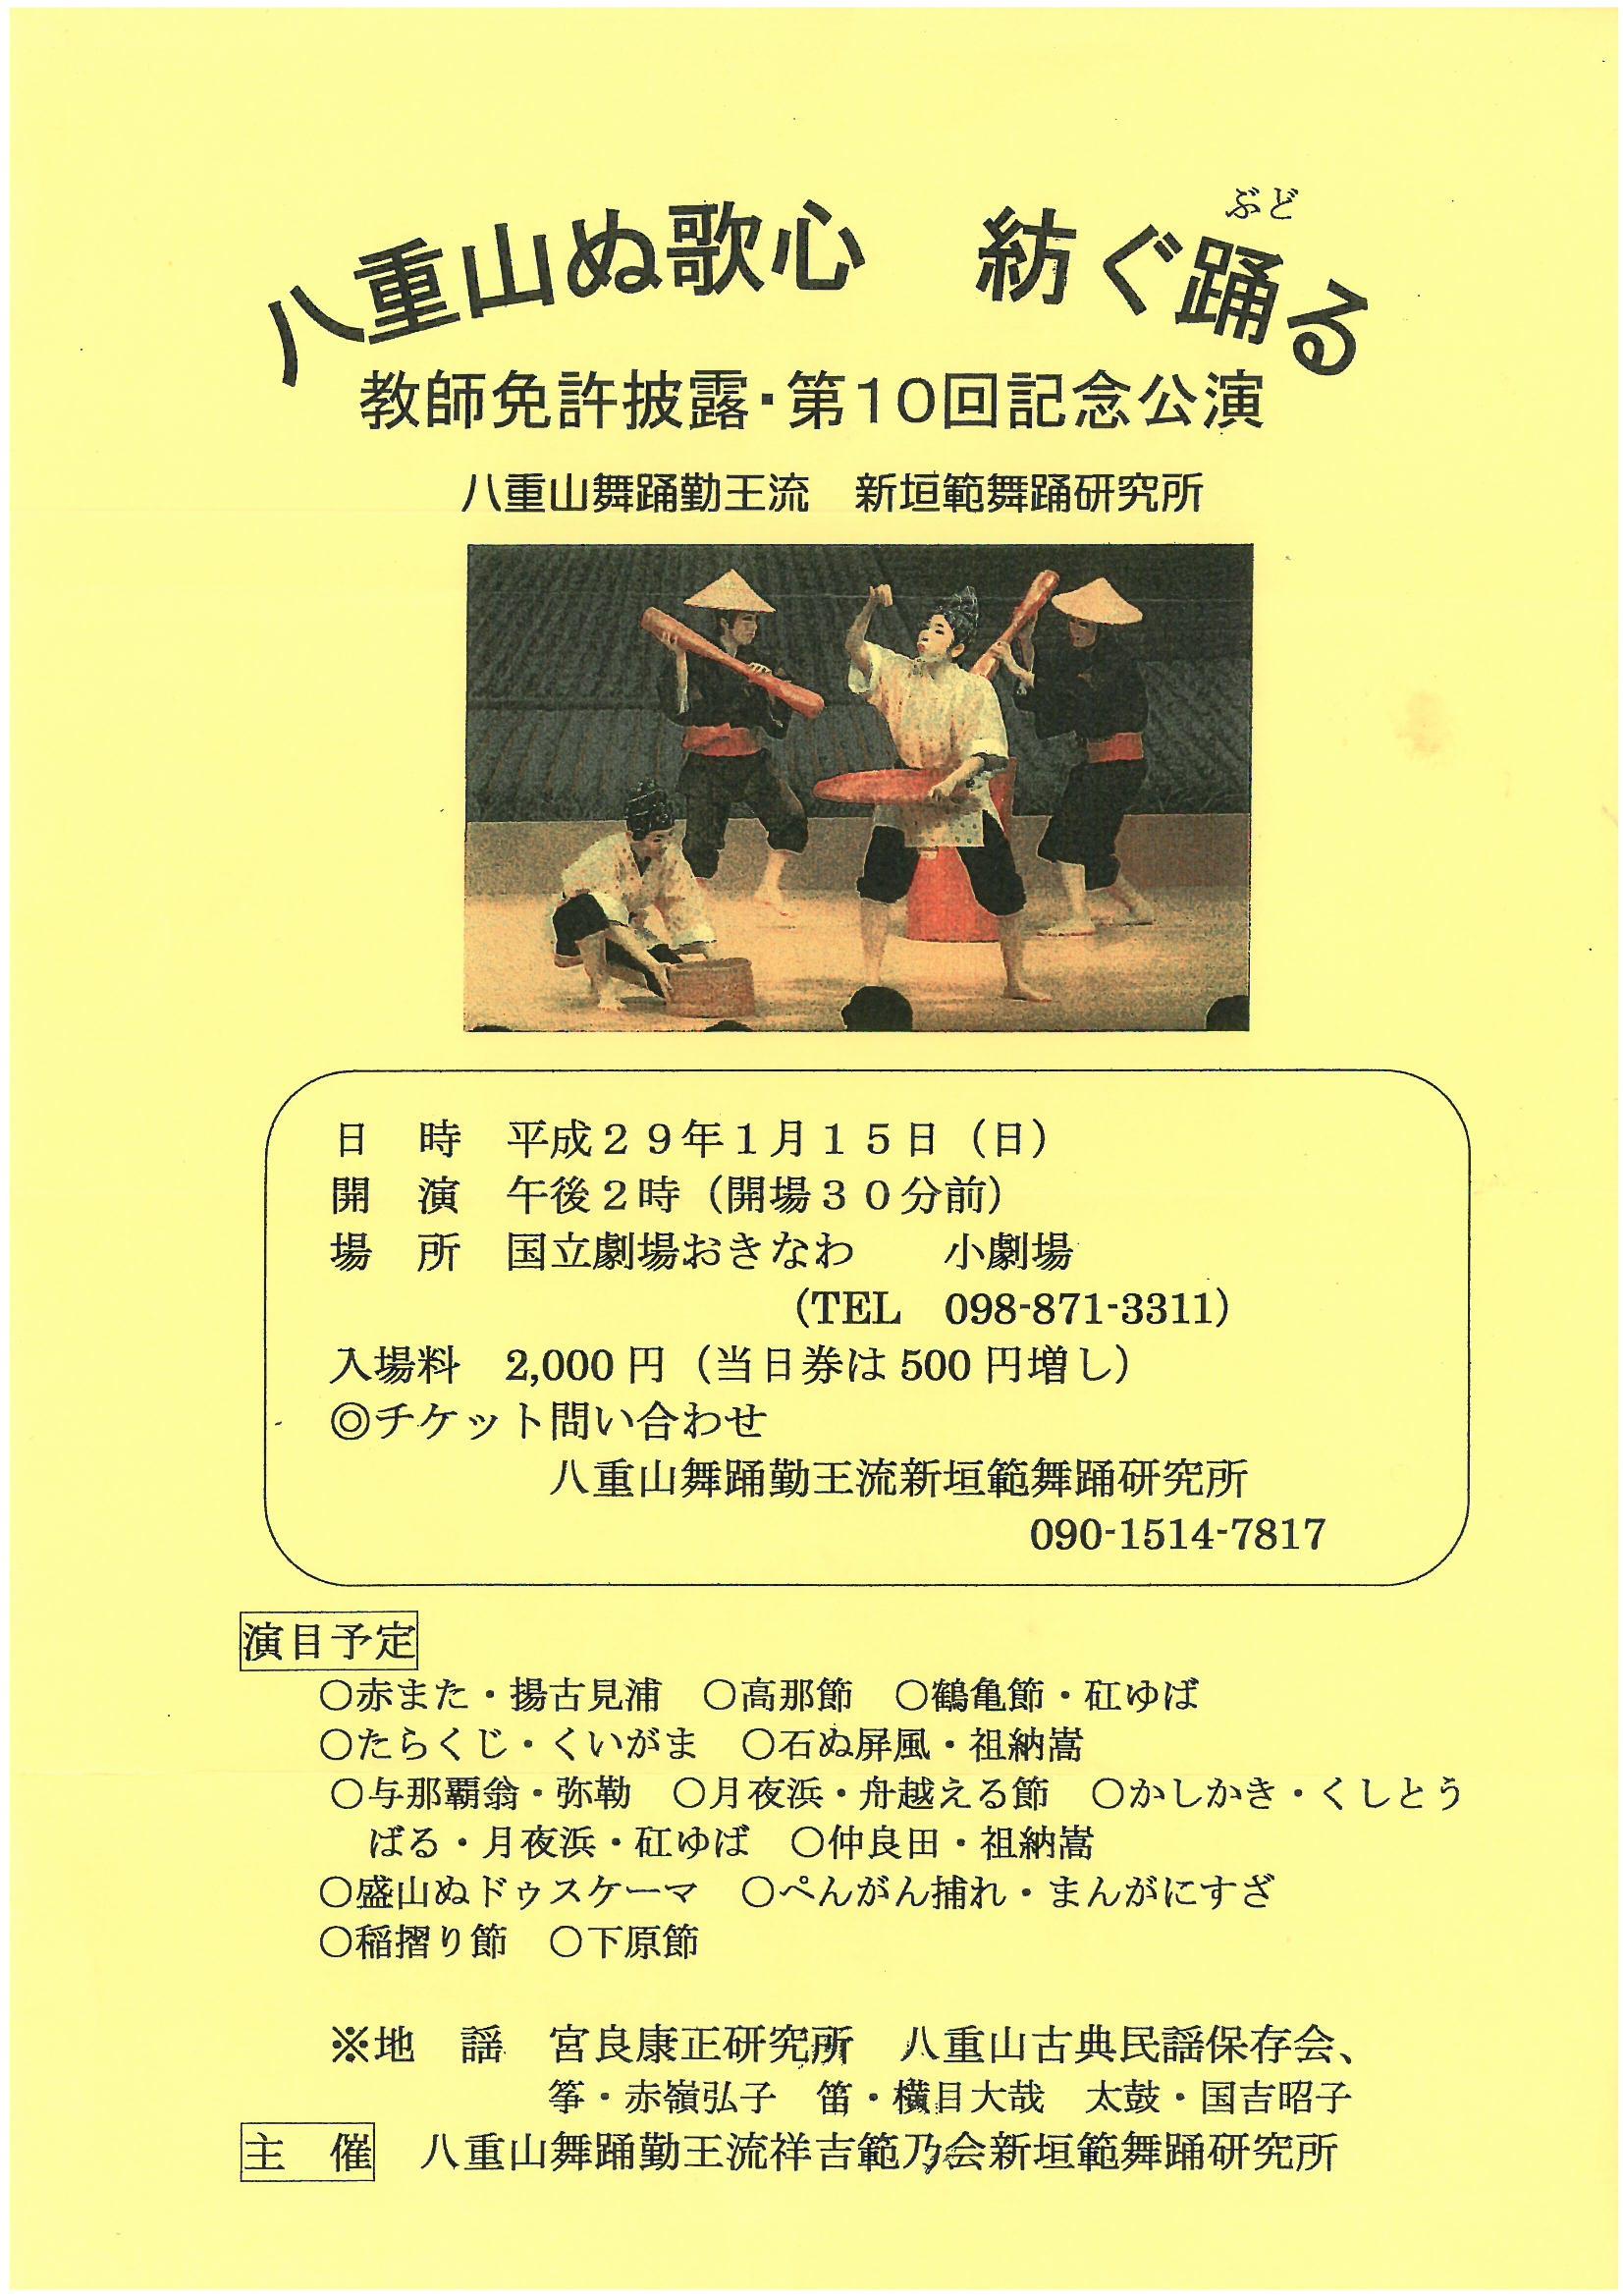 八重山ぬ歌心、紡ぐ踊る-教師免許披露と第10回記念公演- @ 国立劇場おきなわ 小劇場 | 浦添市 | 沖縄県 | 日本